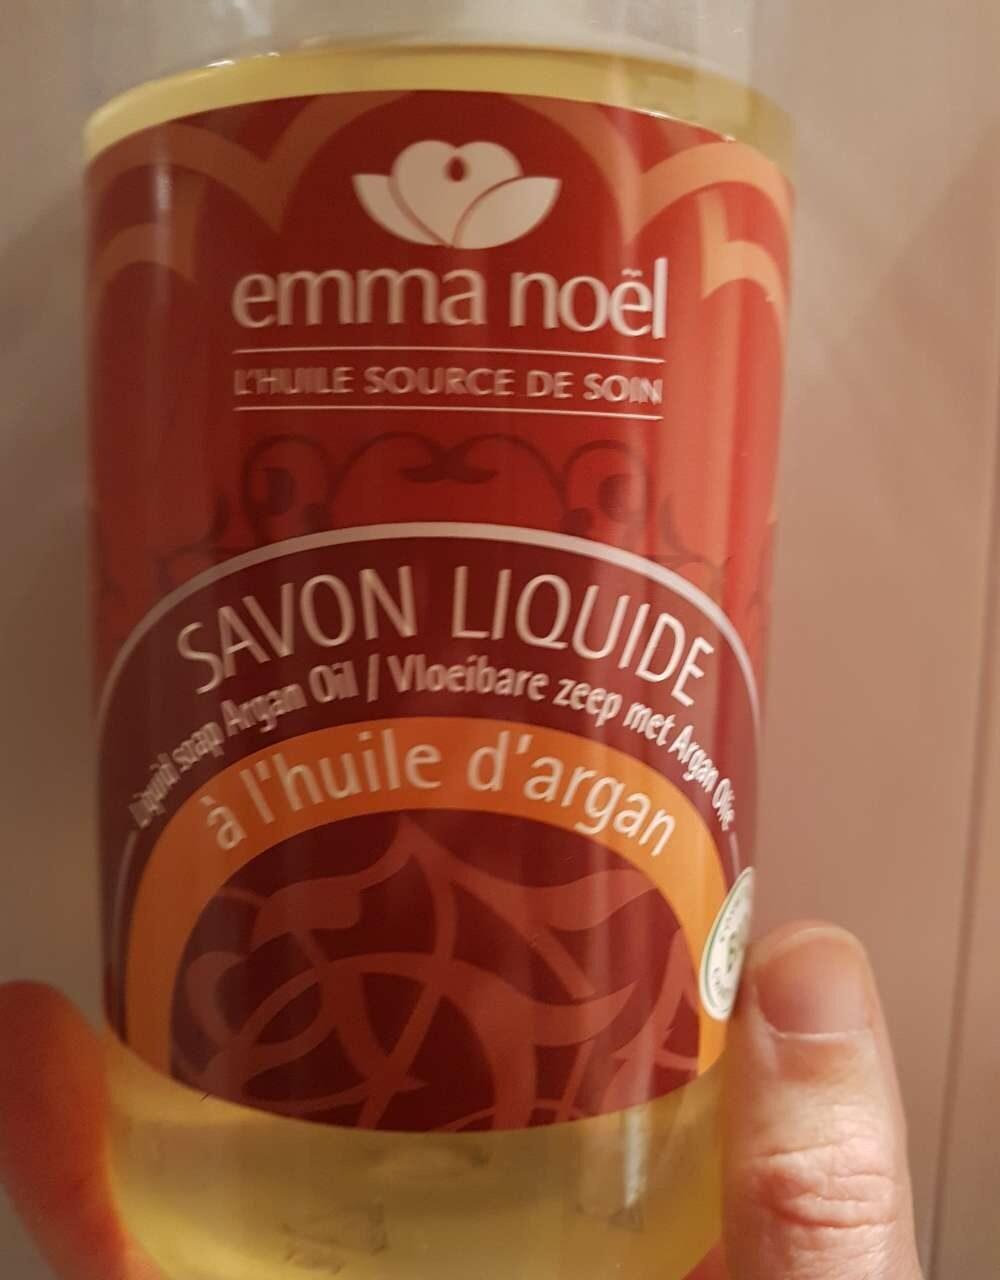 Savon liquide - Product